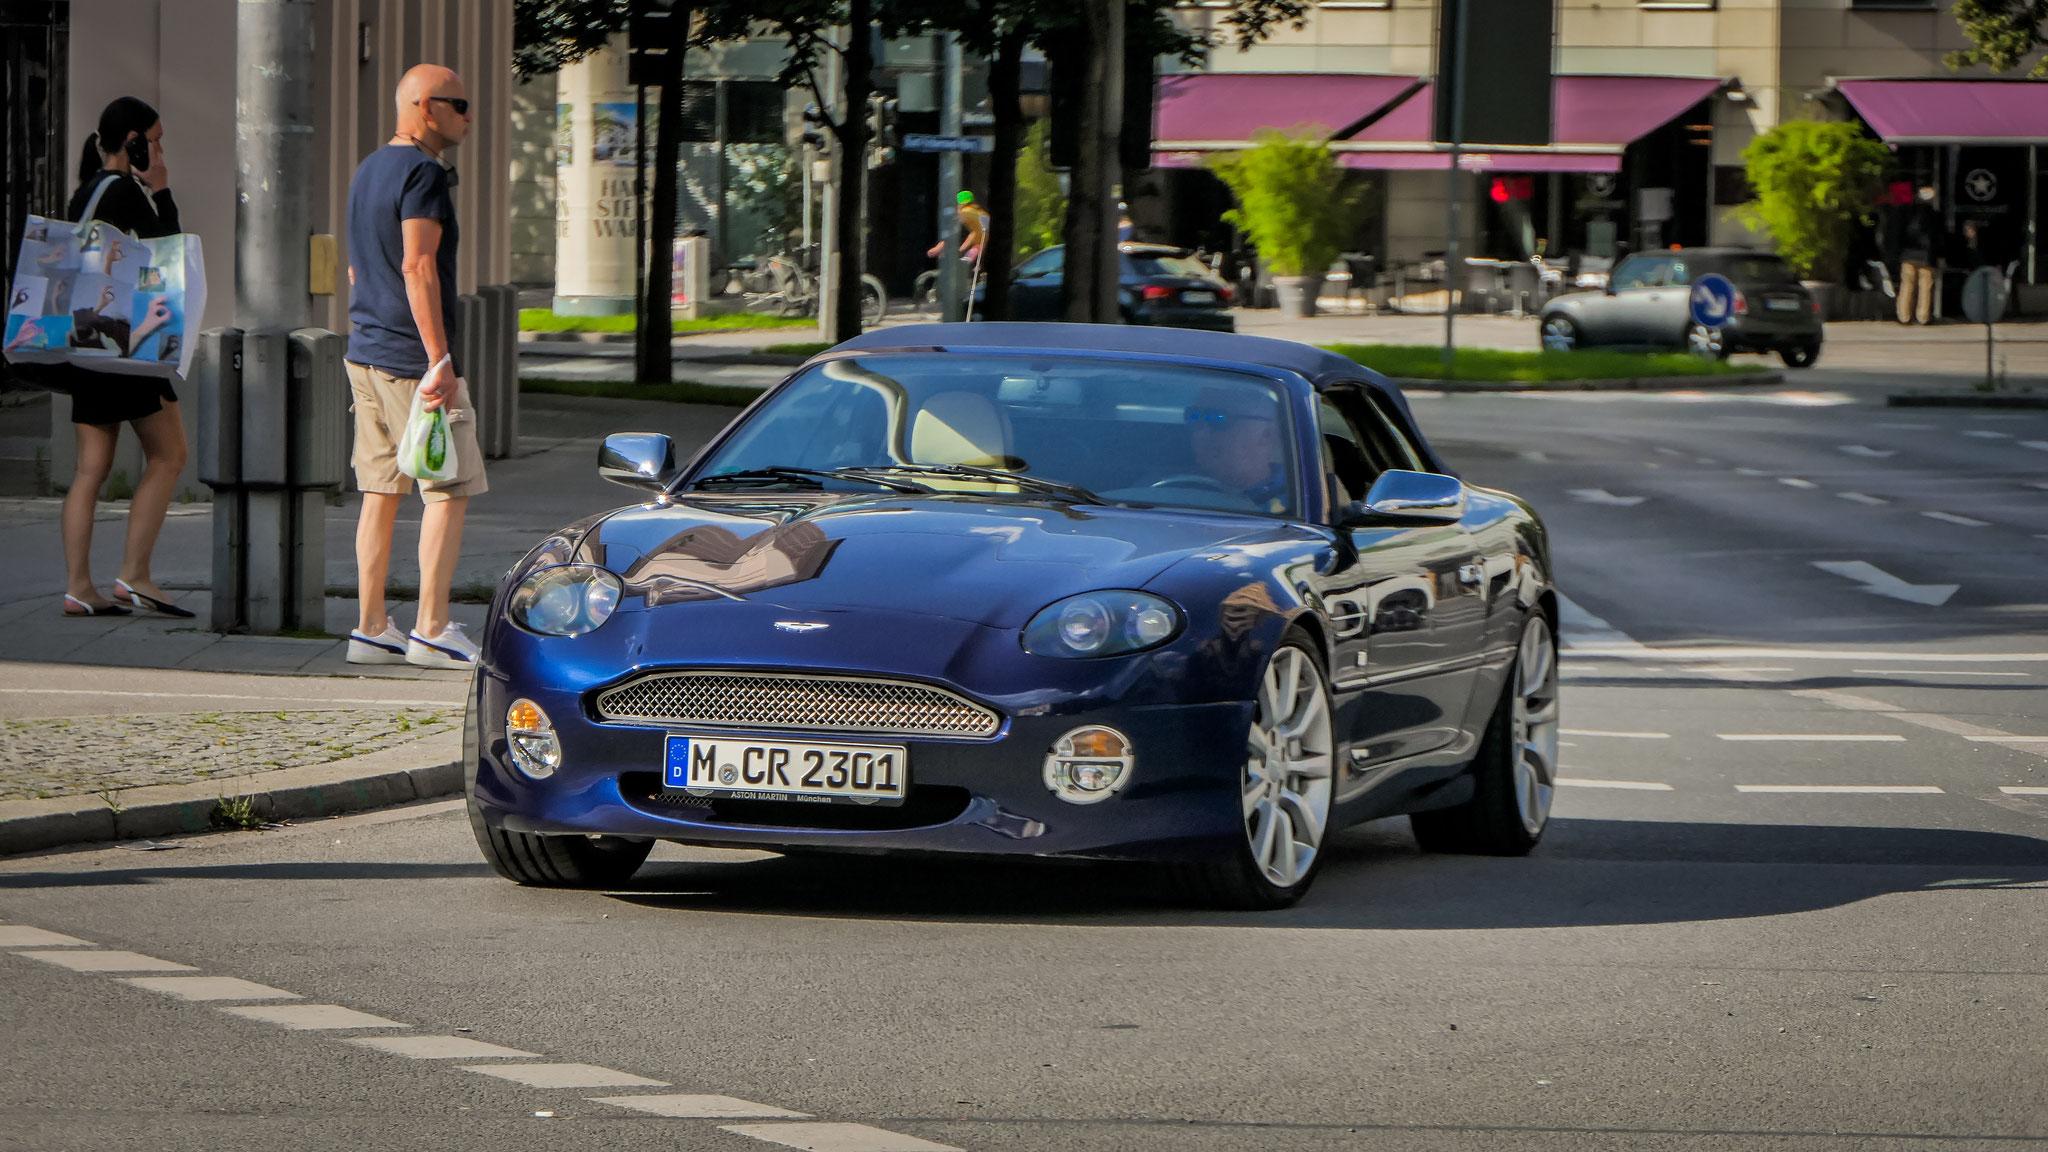 Aston Martin DB7 Volante - M-CR-2301